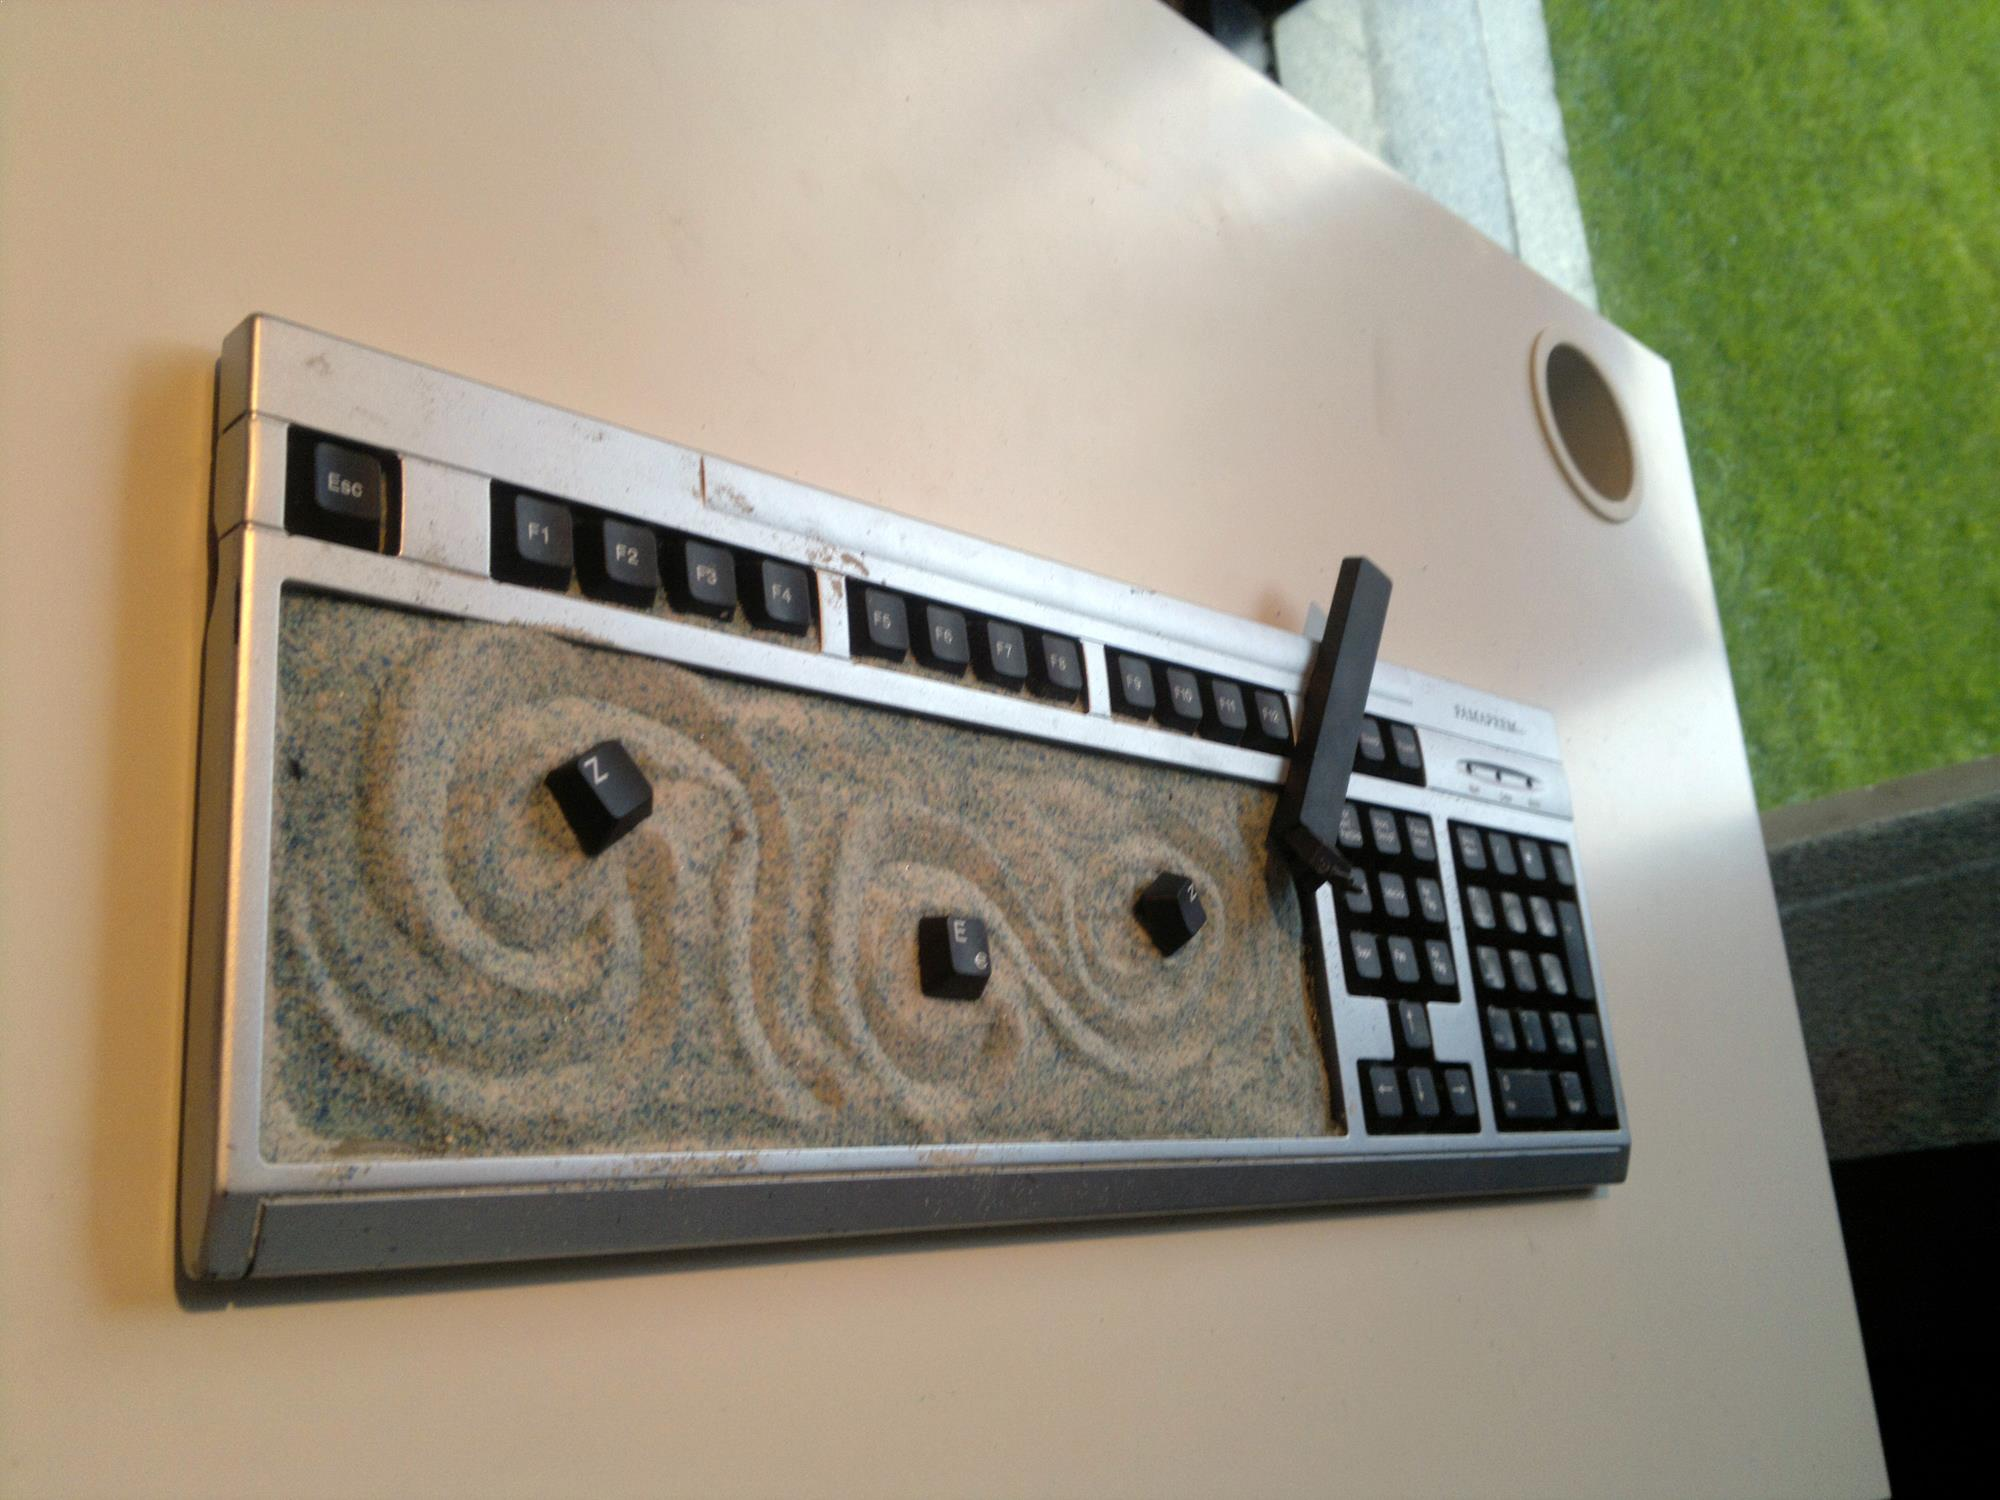 Procrastinar utilizando el teclado del ordenador a modo de jardín zen. Lo llenas de arena y la barra espaciadora hace de rastrillo. Está muy bien si te aburres en la oficina.